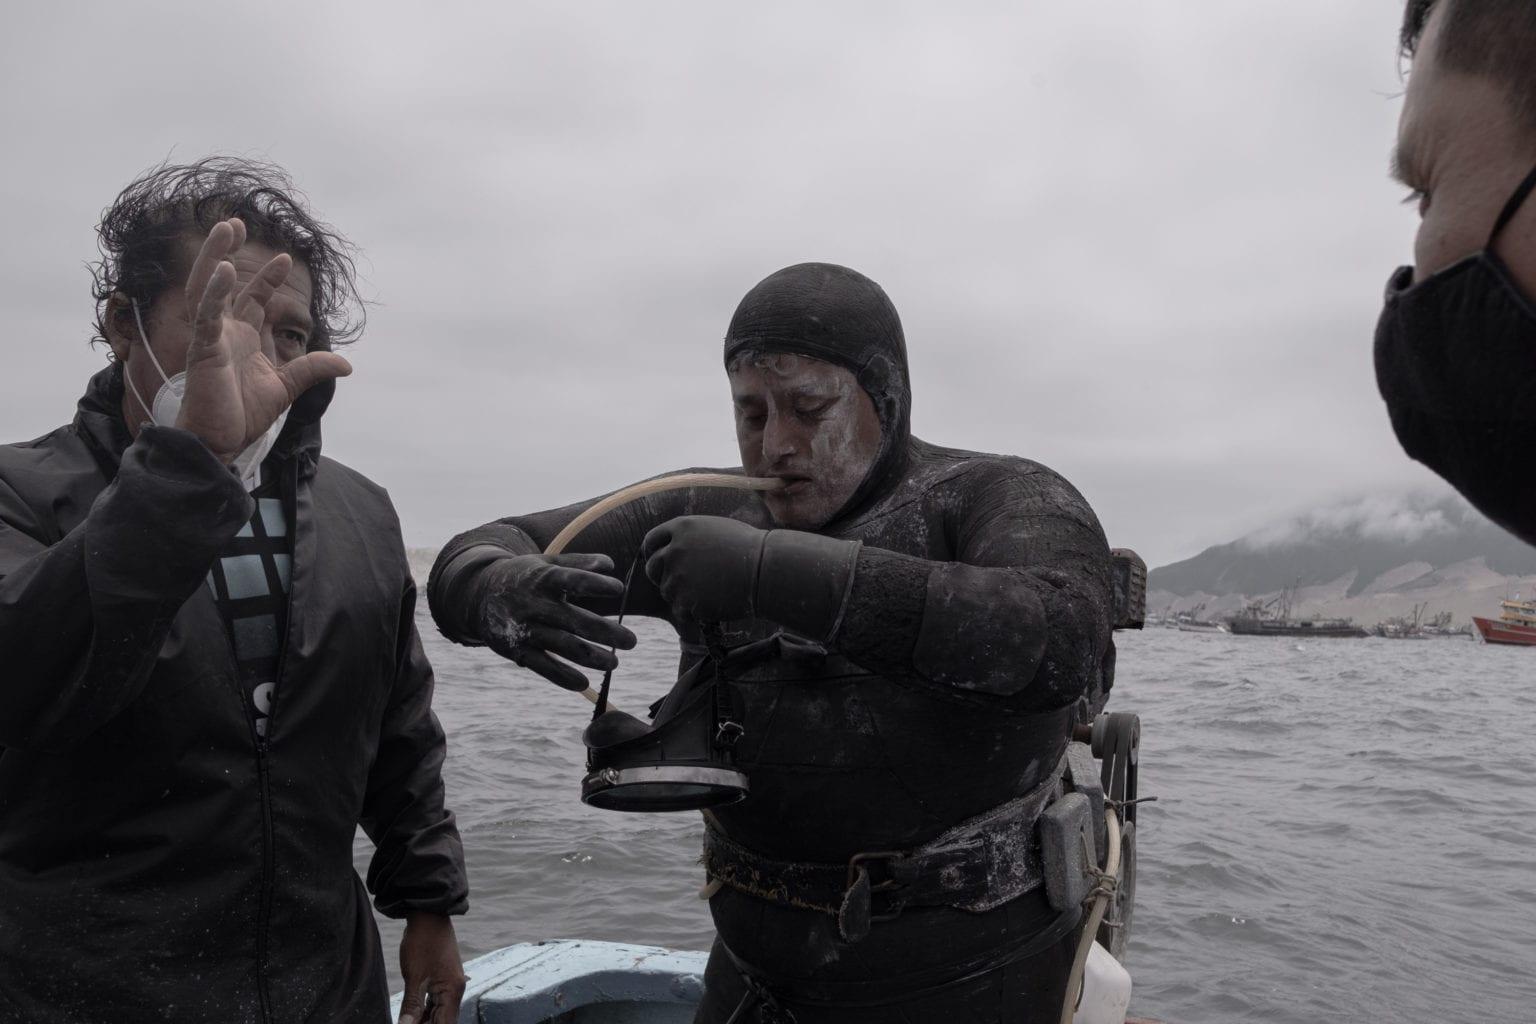 Det er dirty business at være dykker i Chimbote-bugten. Her er Diego Moya Salas ved at gøre sig klar til at hoppe i vandet. Han har snavs i ansigtet fra våddragten, der ikke er til at få ren efter en tur i bugten.